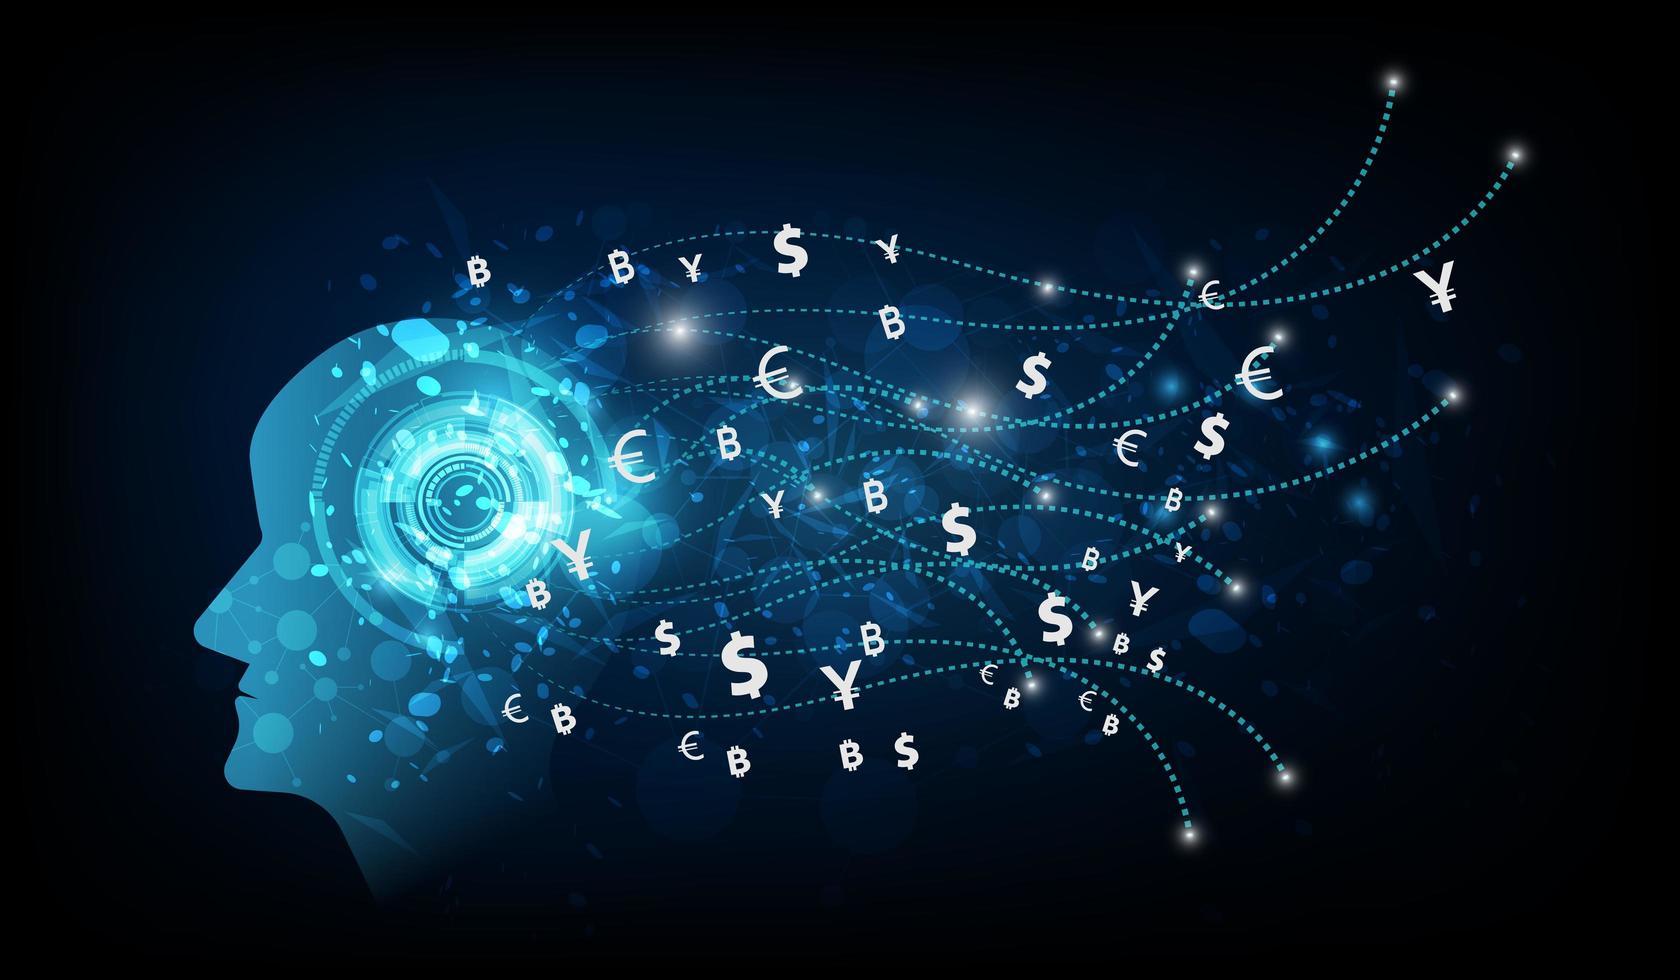 abstrakt artificiell intelligens. pengaöverföring. vektor